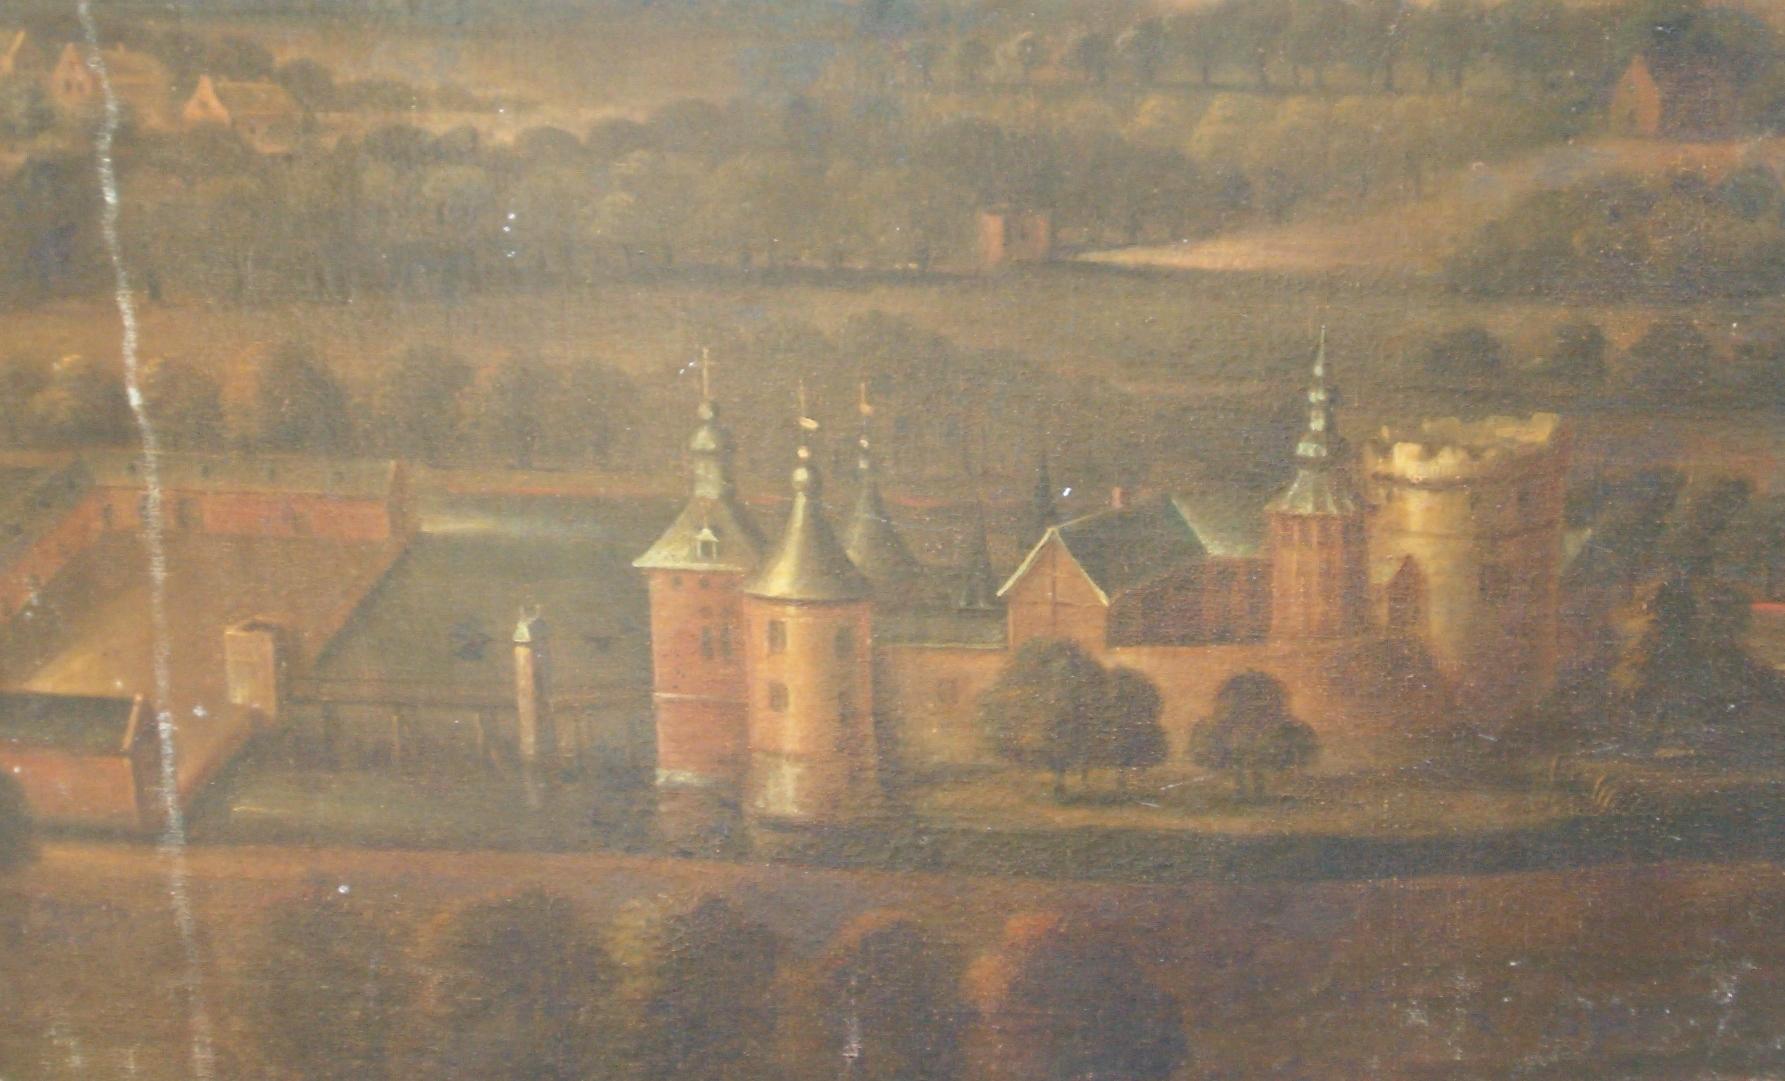 Schilderij van kasteel Stein uit 1728 (foto van schilderij, genomen door Jos Drubers).